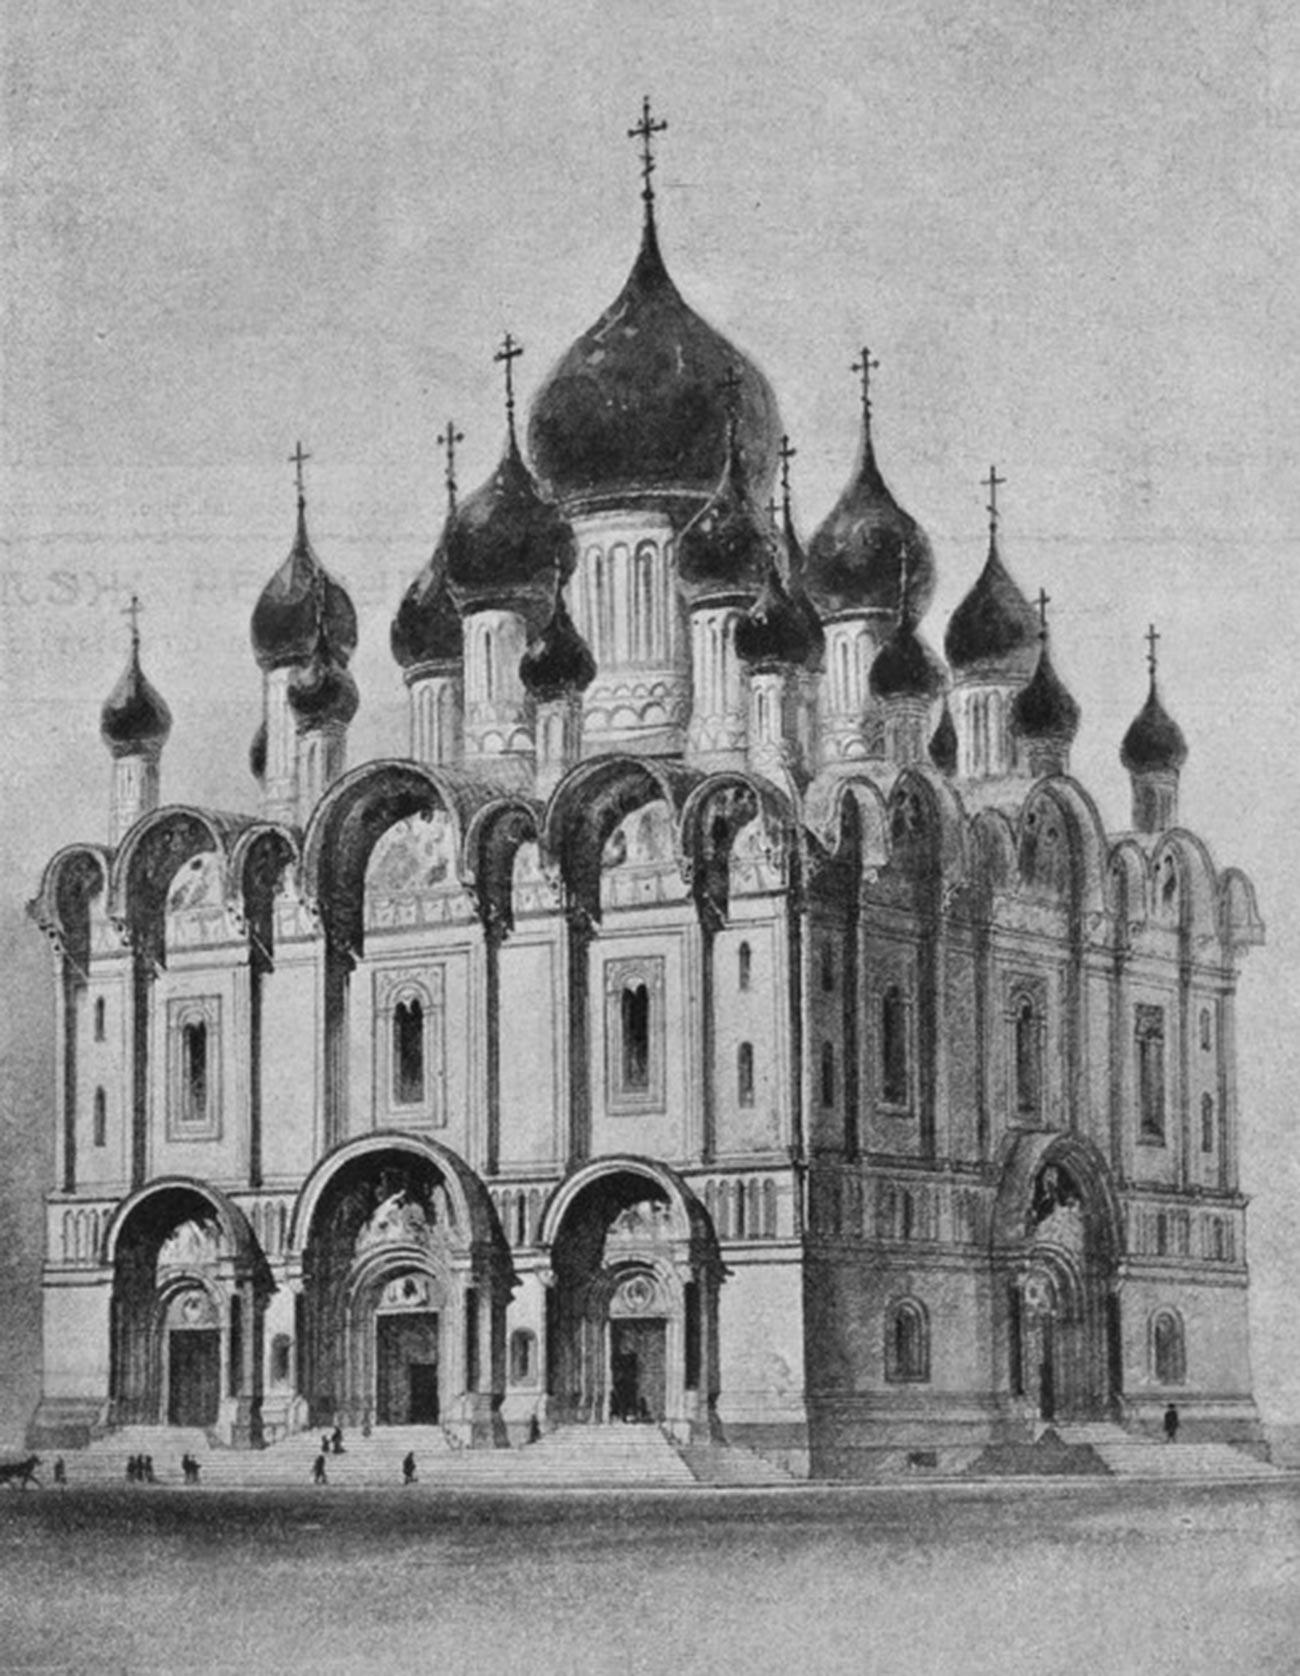 L'extérieur de la cathédrale Alexandre Nevski. Dessin d'après le projet de A. N. Pomerantsev (1904)